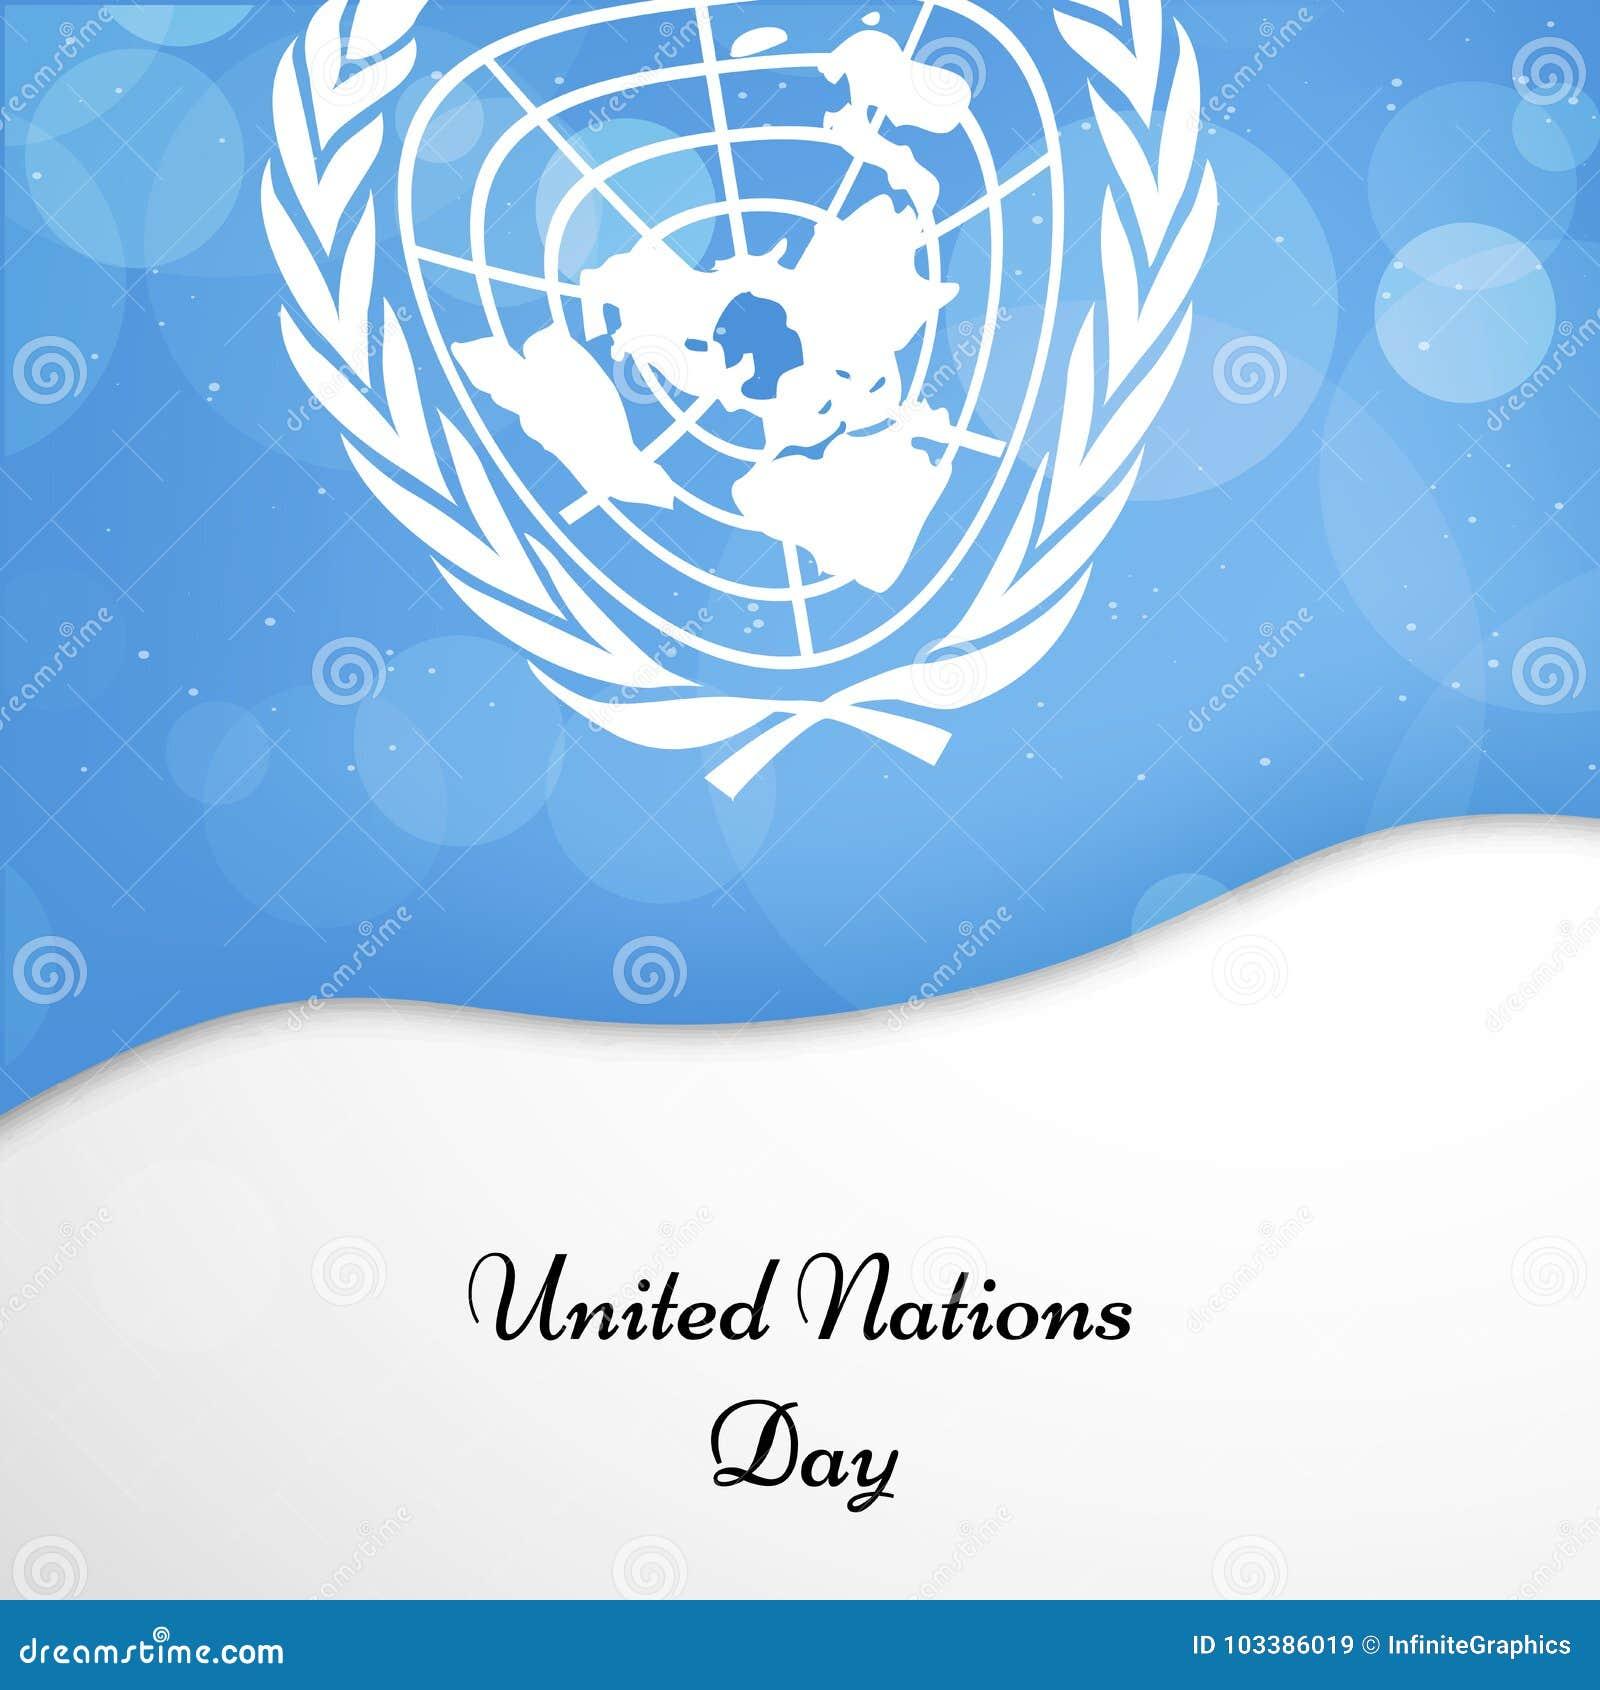 Illustration de fond de jour de Nations Unies